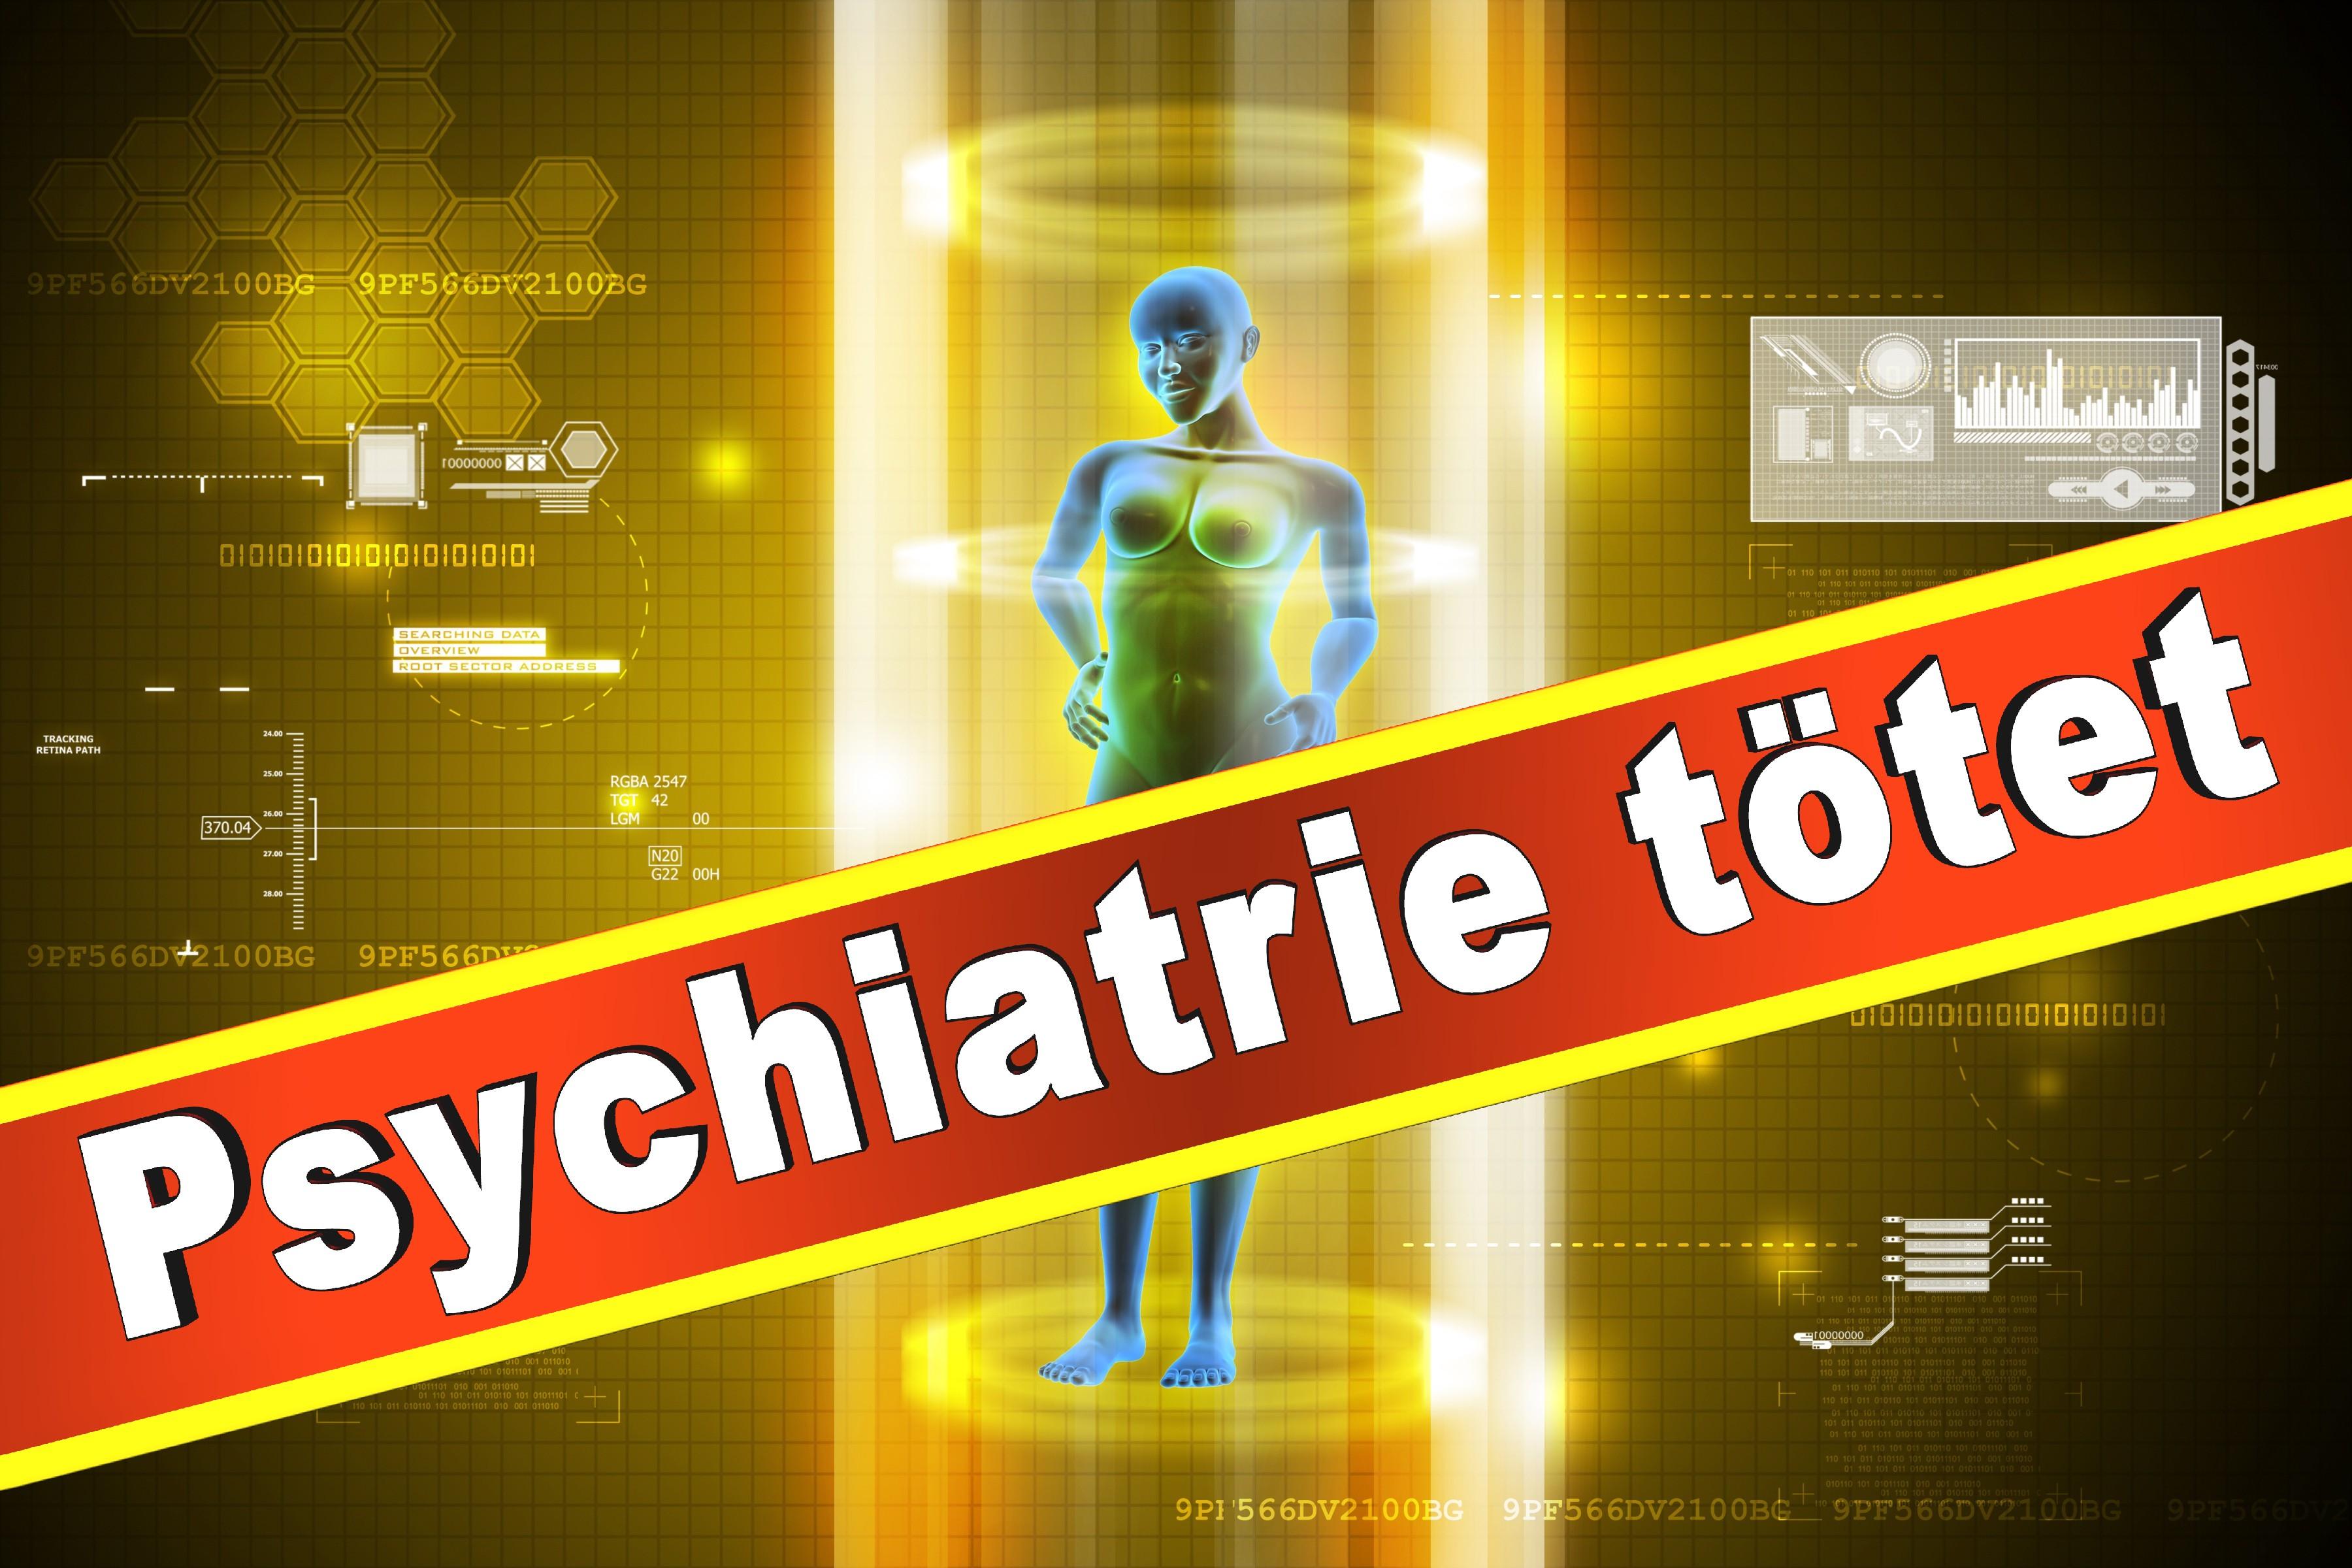 Wielant Machleidt Psychiater Psychotherapeut Professor Praxis Der Interkulturellen Psychiatrie Und Psychotherapie Medizinische Hochschule Hannover Klinik Für Psychiatrie Sozialpsychiatrie (8)